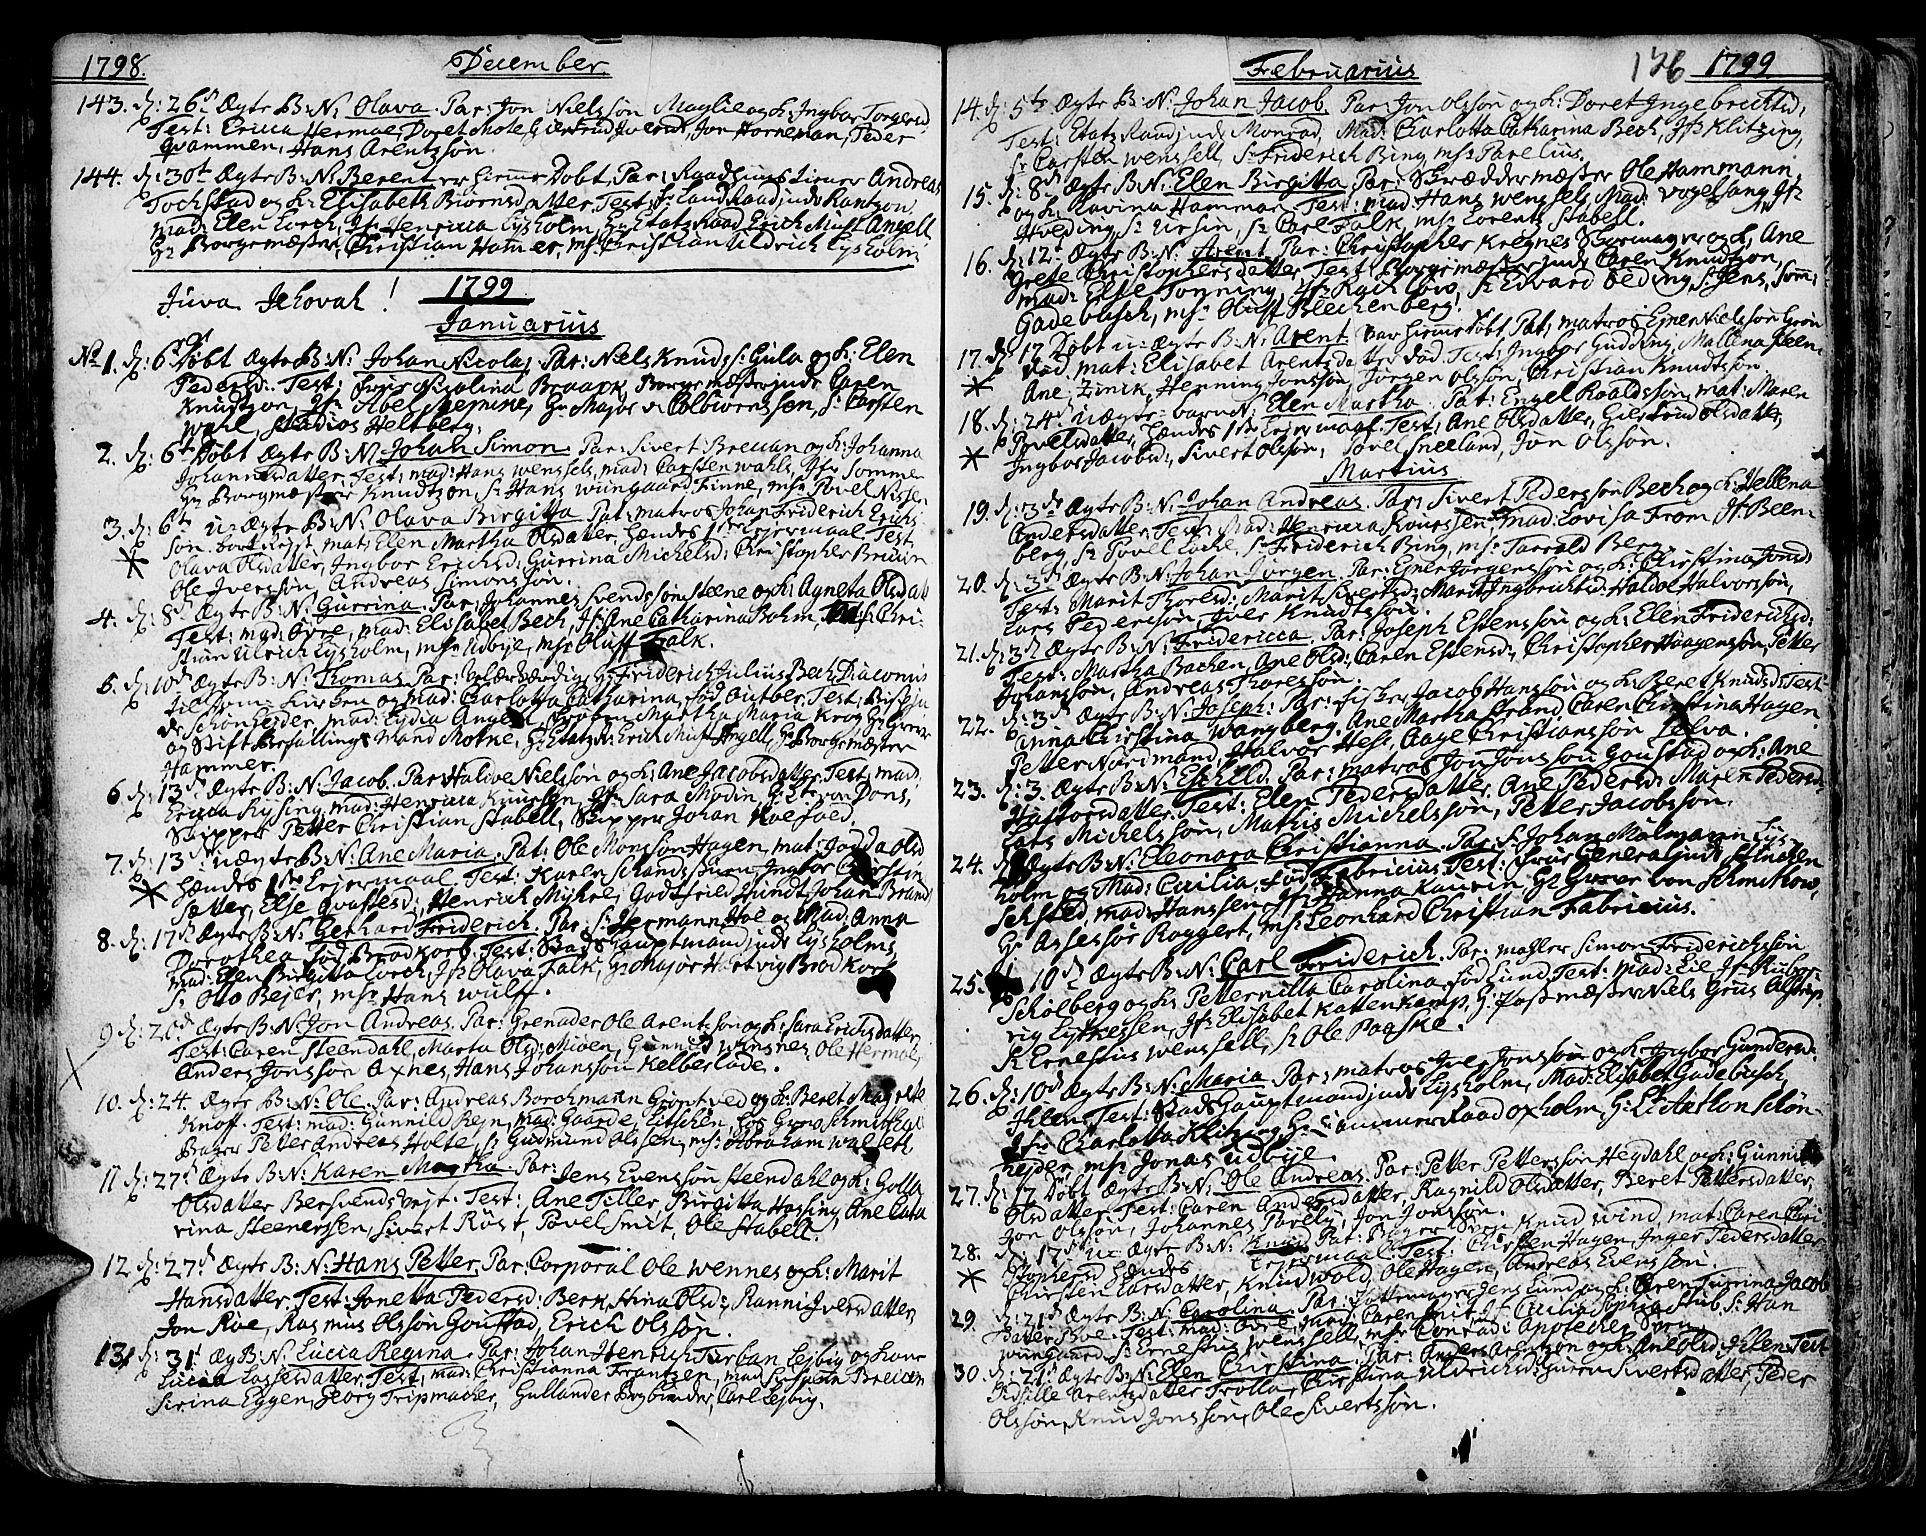 SAT, Ministerialprotokoller, klokkerbøker og fødselsregistre - Sør-Trøndelag, 601/L0039: Ministerialbok nr. 601A07, 1770-1819, s. 126